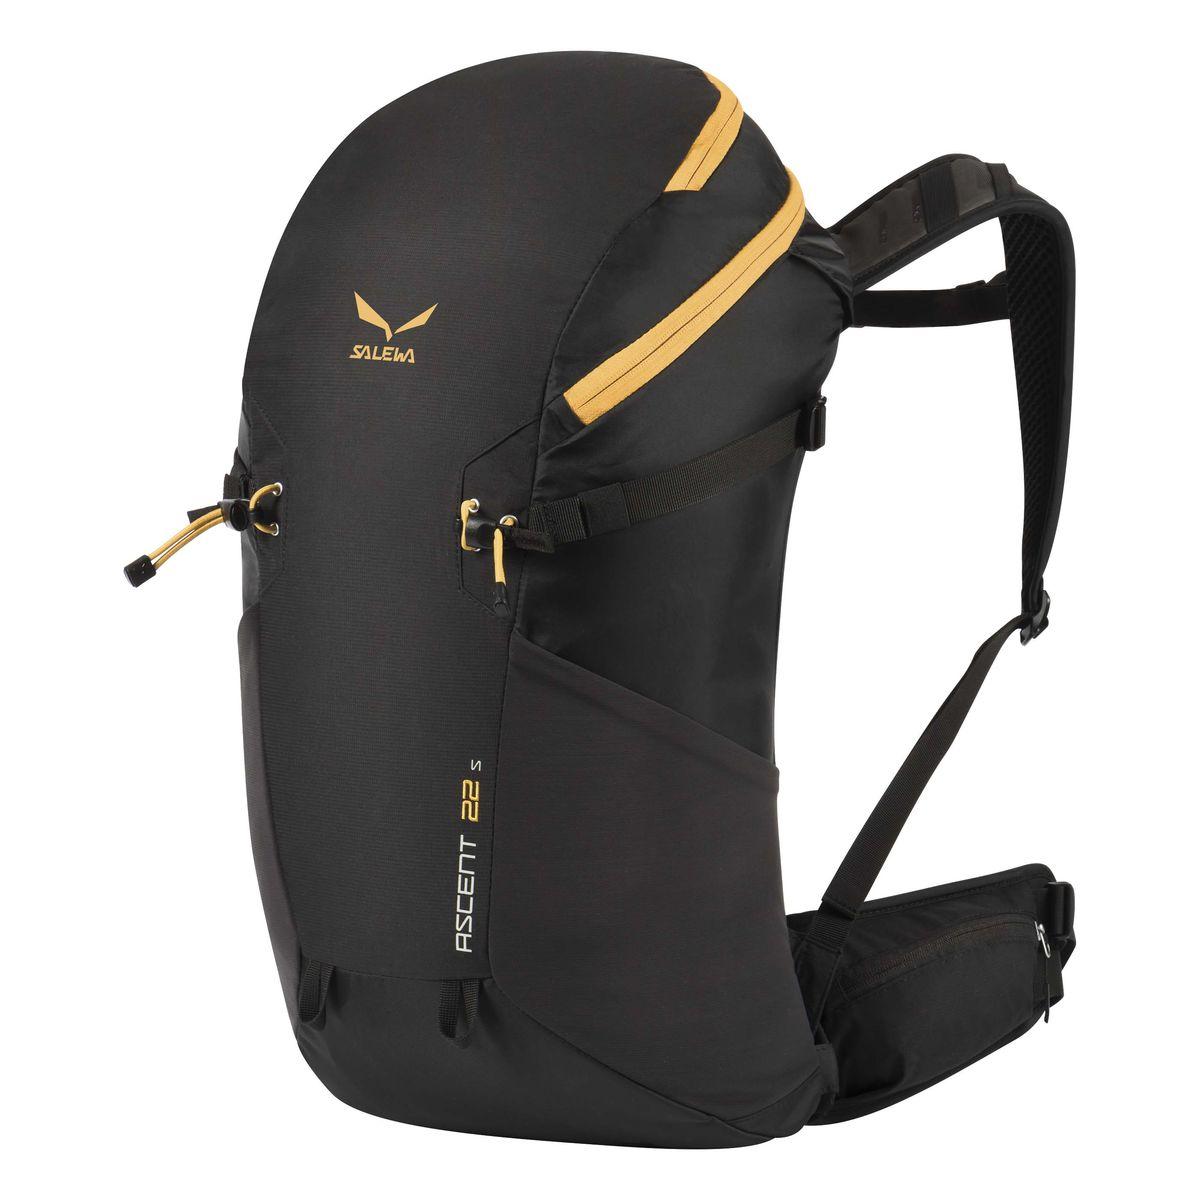 Рюкзак туристический Salewa Ascent 22s, цвет: черный, 22 л1153_0900Новая современная модель рюкзака Salewa Ascent 22s, которая прекрасно подойдет как для однодневных так и для более длительных путешествий.Особенности:- петли для крепления ледоруба / лыжных палок- внутреннее отделение для хранения ценных вещей- боковые карманы- карман в набедренном поясе- петли для навески дополнительного снаряжения на набедренном поясе- подвесная система motionfit